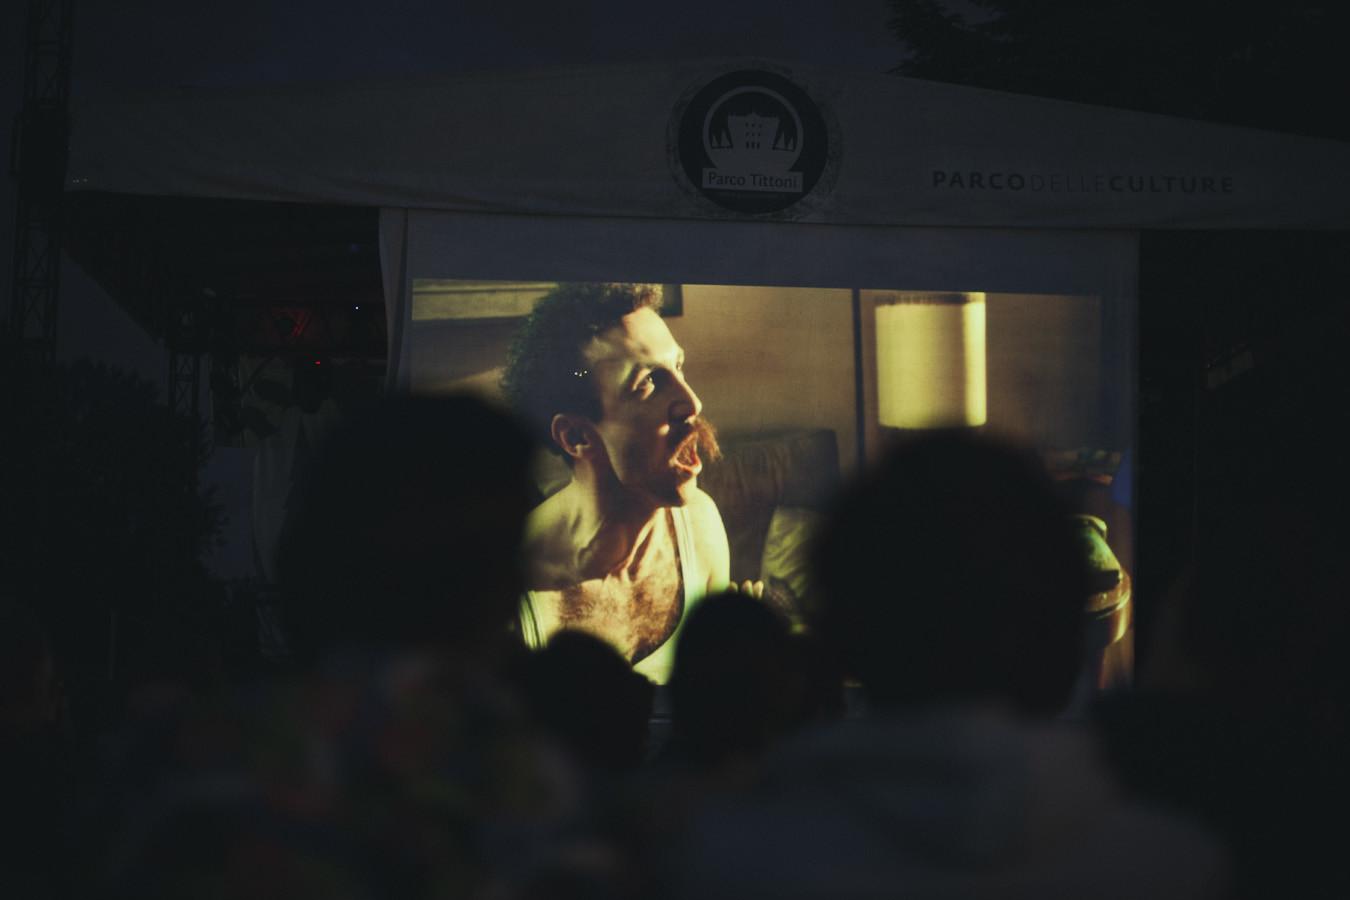 fotografo_eventi_concerti_festival_desio_tittoni_foto_marco_reggi_115